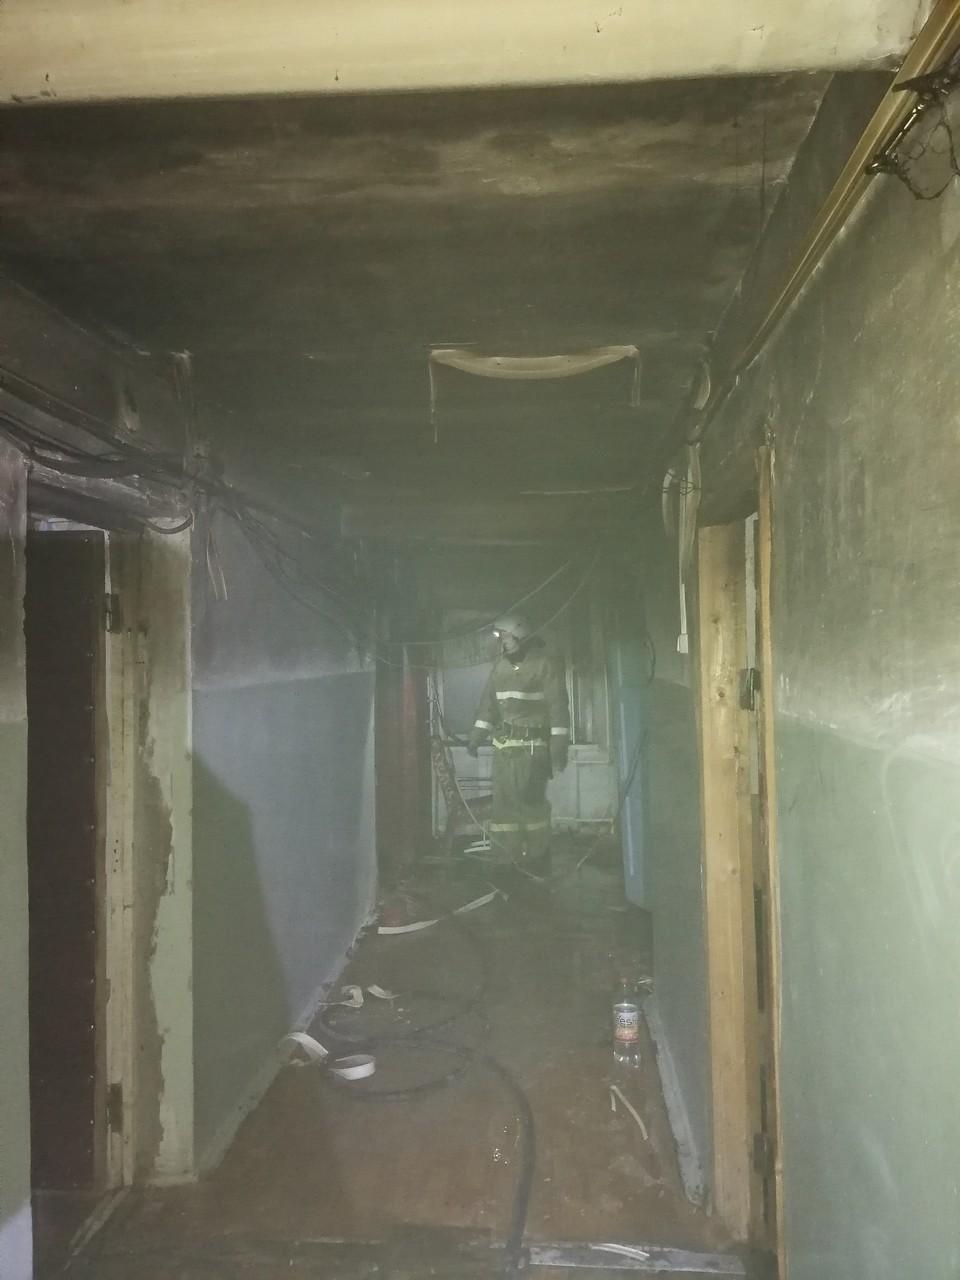 Спасатели эвакуировали 25 человек из-за пожара в Мценске. Фото: пресс-служба МЧС России по Орловской области